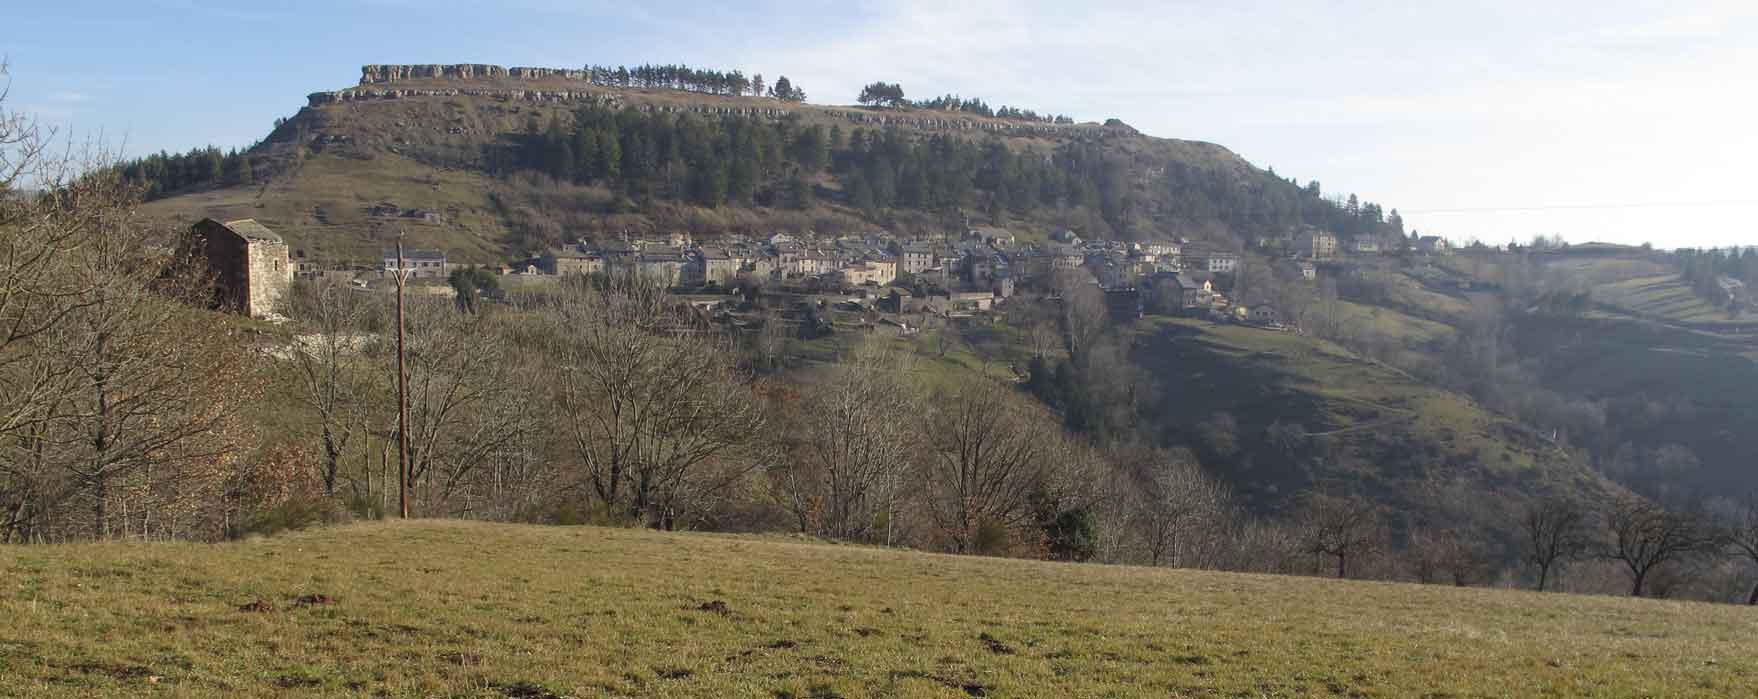 Le village de Barre-des-Cévennes, entre les schistes et les grès et calcaires